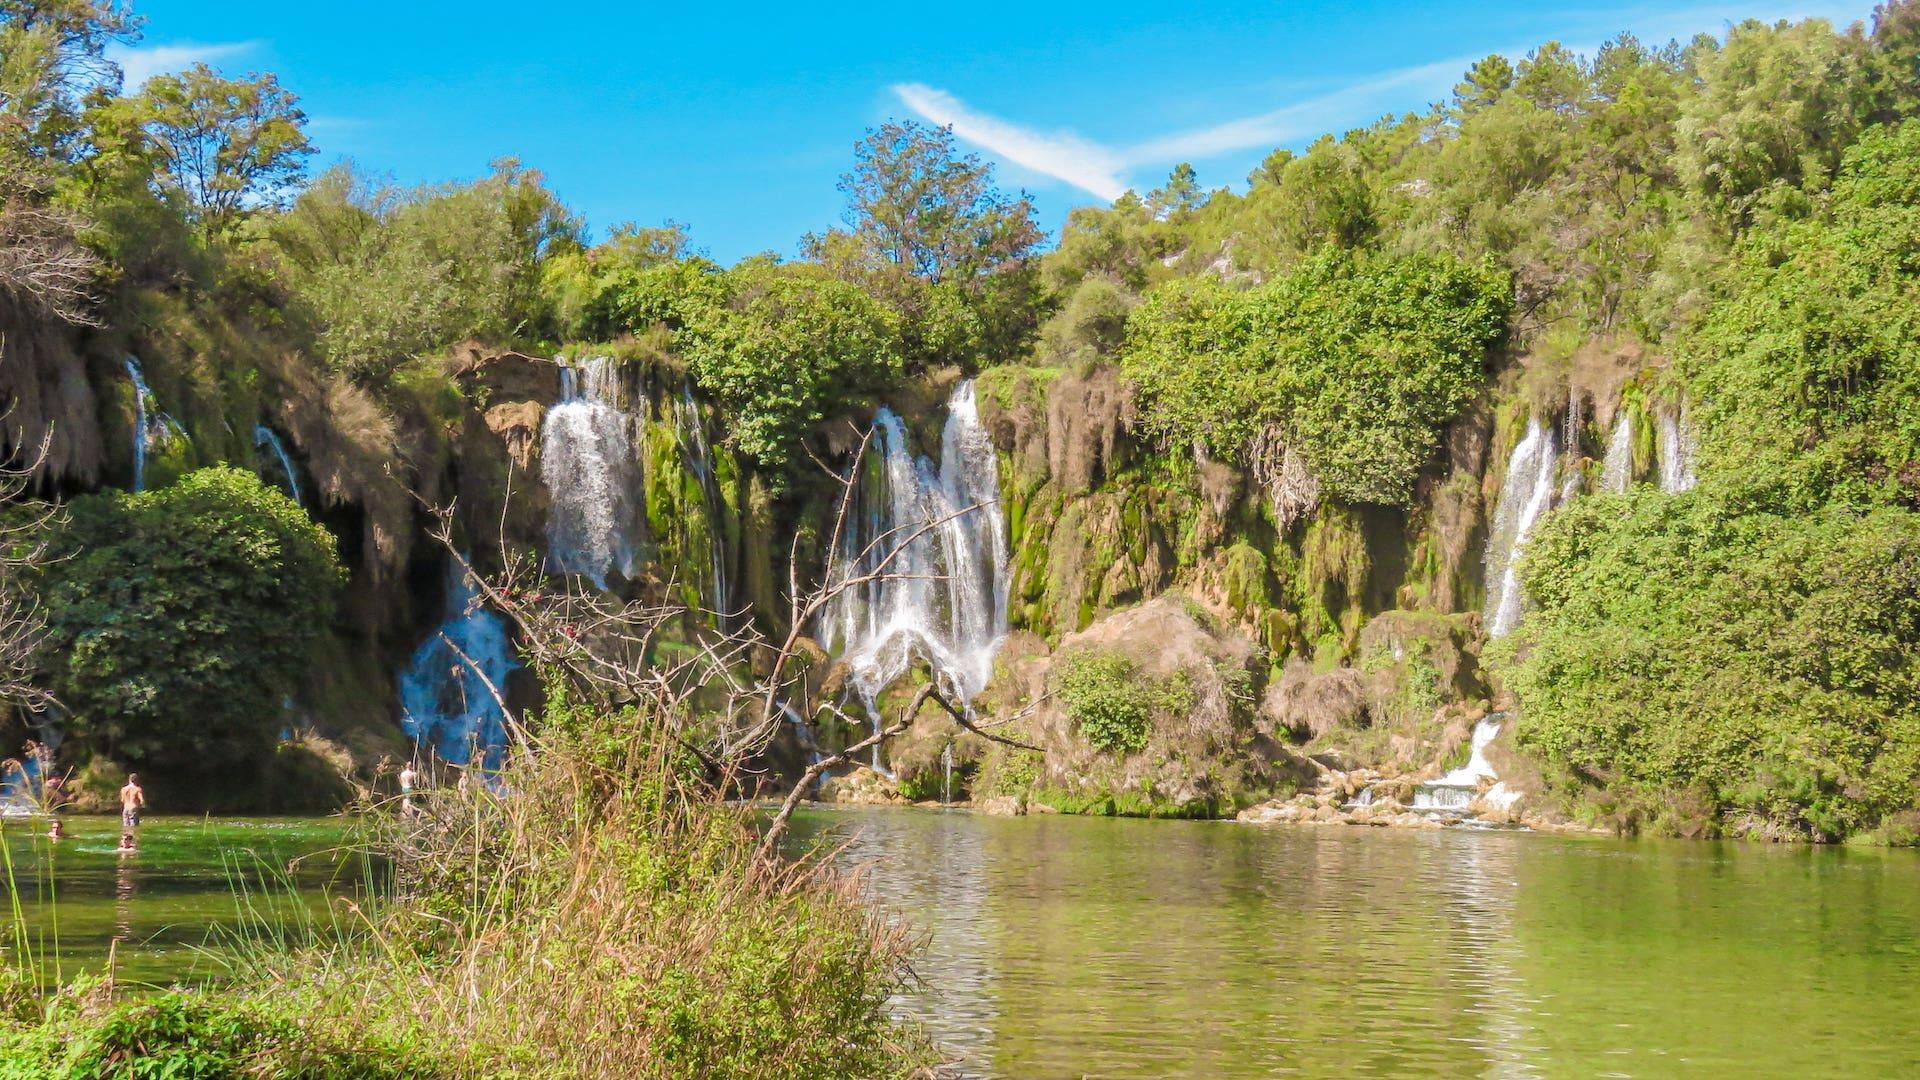 Dicas da Cataratas de Kravice na Bósnia e Herzegovina